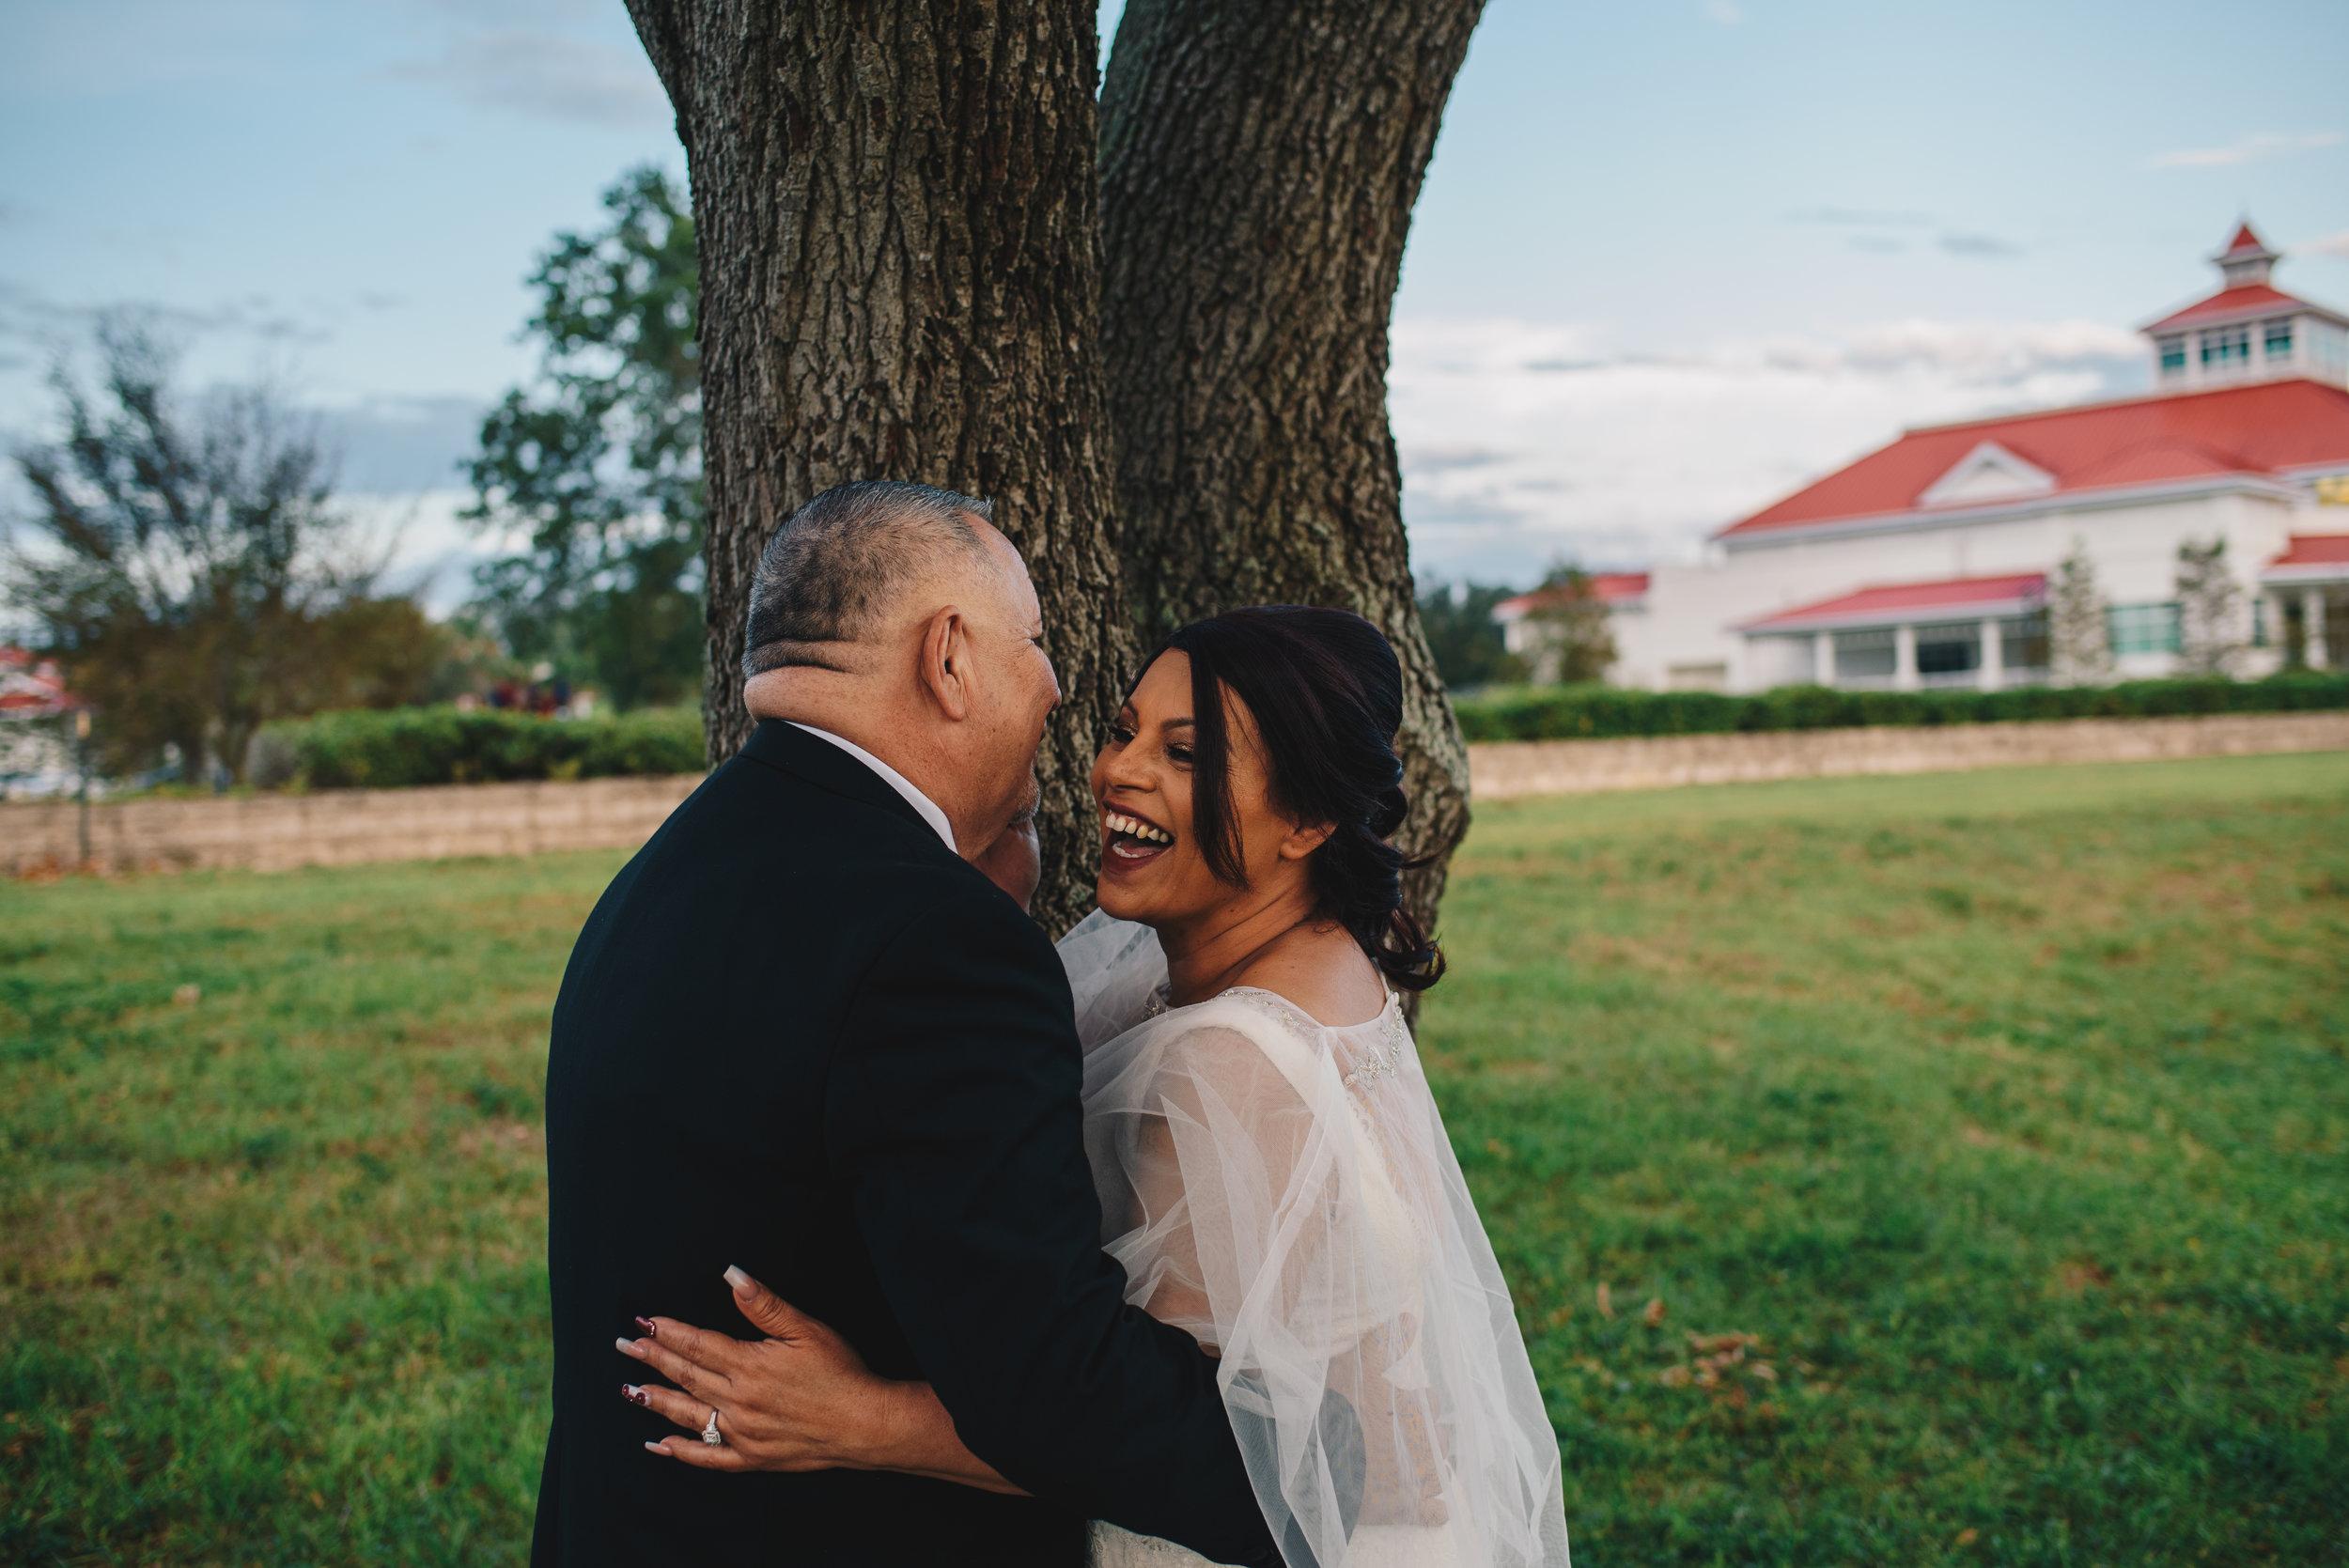 Los-Vargas-Photo-Wedding-Vow-Renewal-Central-Florida-166.jpg